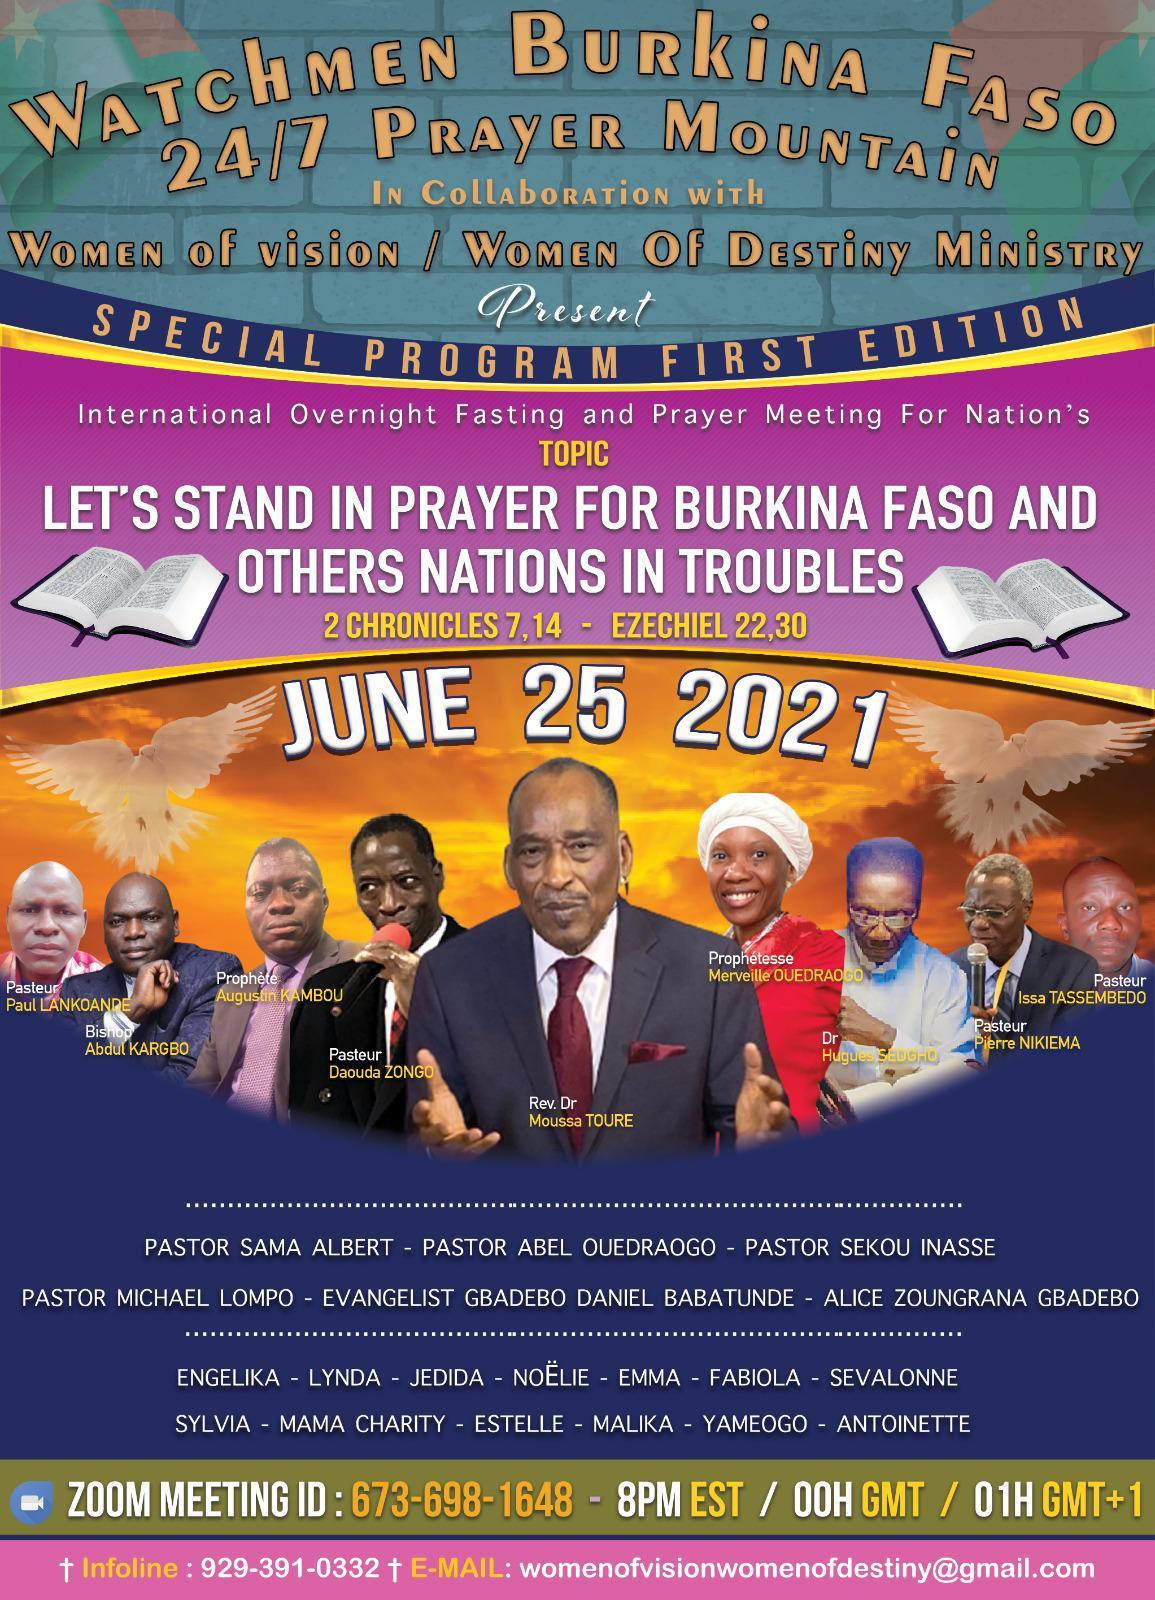 New York: 8 heures de prière sans interruption en faveur d'un Burkina Faso meurtri